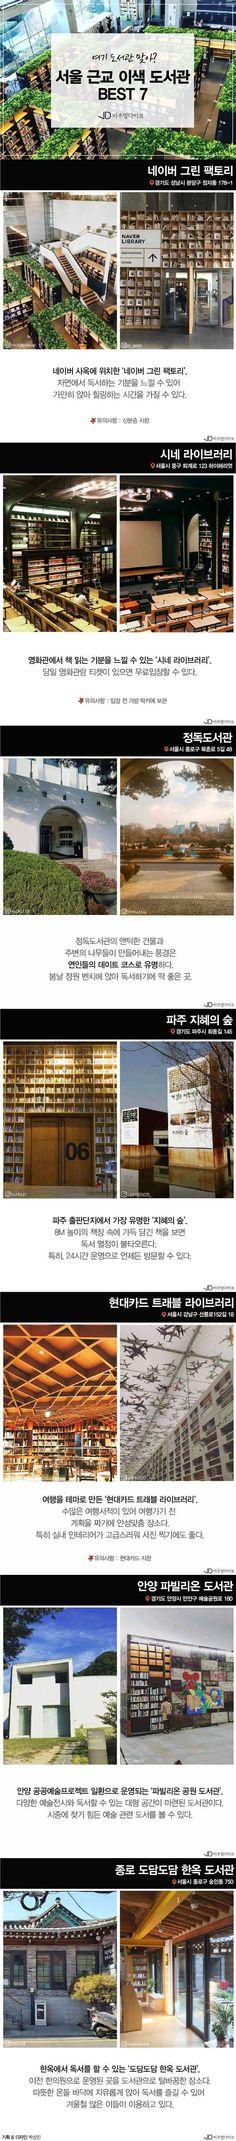 독서와 힐링을 동시에 '서울 근교 이색도서관'은 어디? [카드뉴스] #library / #cardnews ⓒ 비주얼다이브 무단 복사·전재·재배포 금지